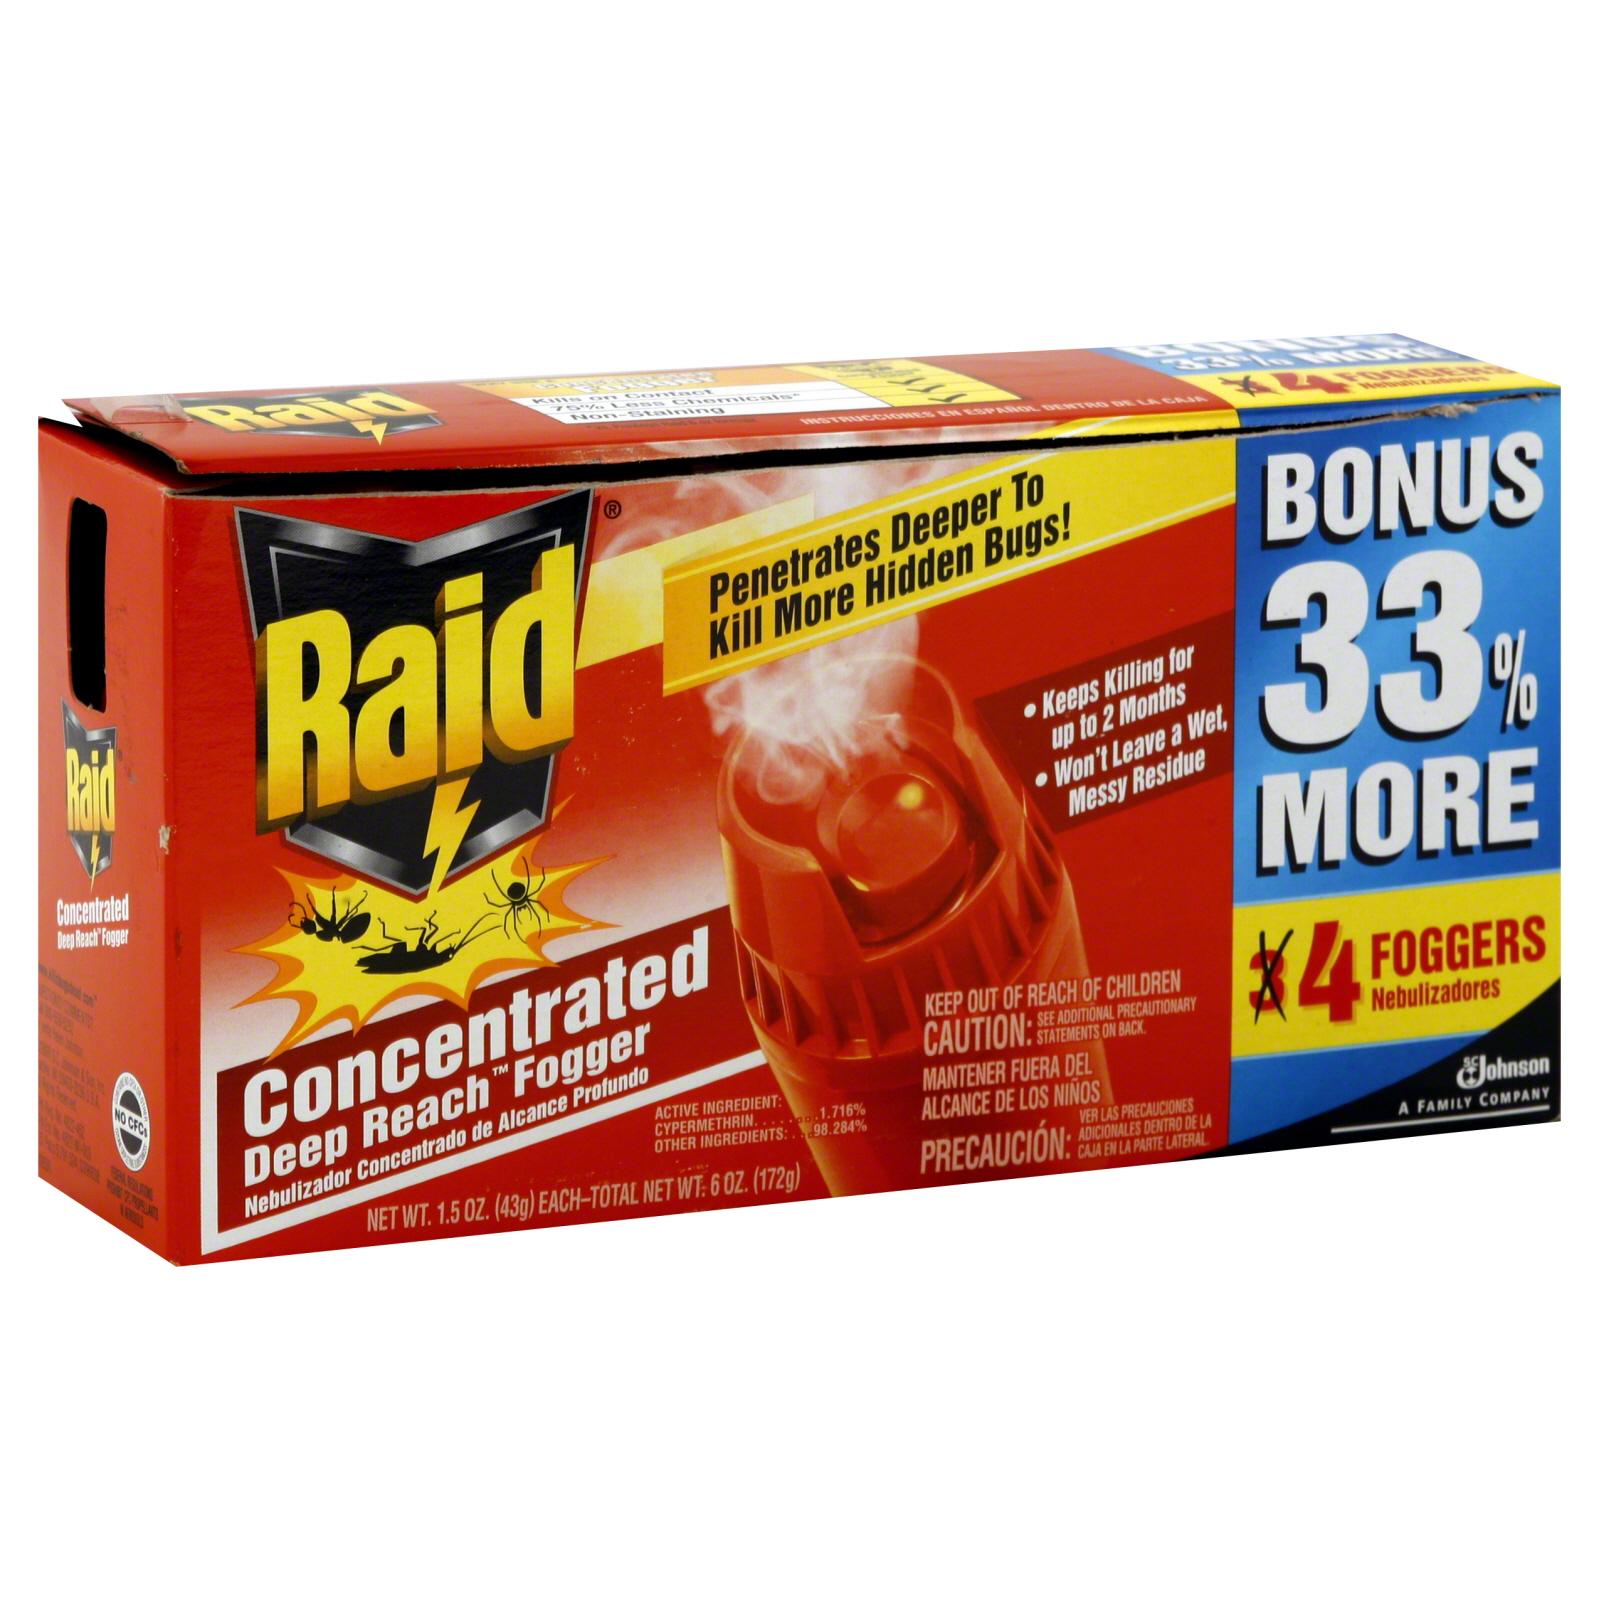 Raid Concentrated Deep Reach Fogger 4 1 5 Oz 43 G